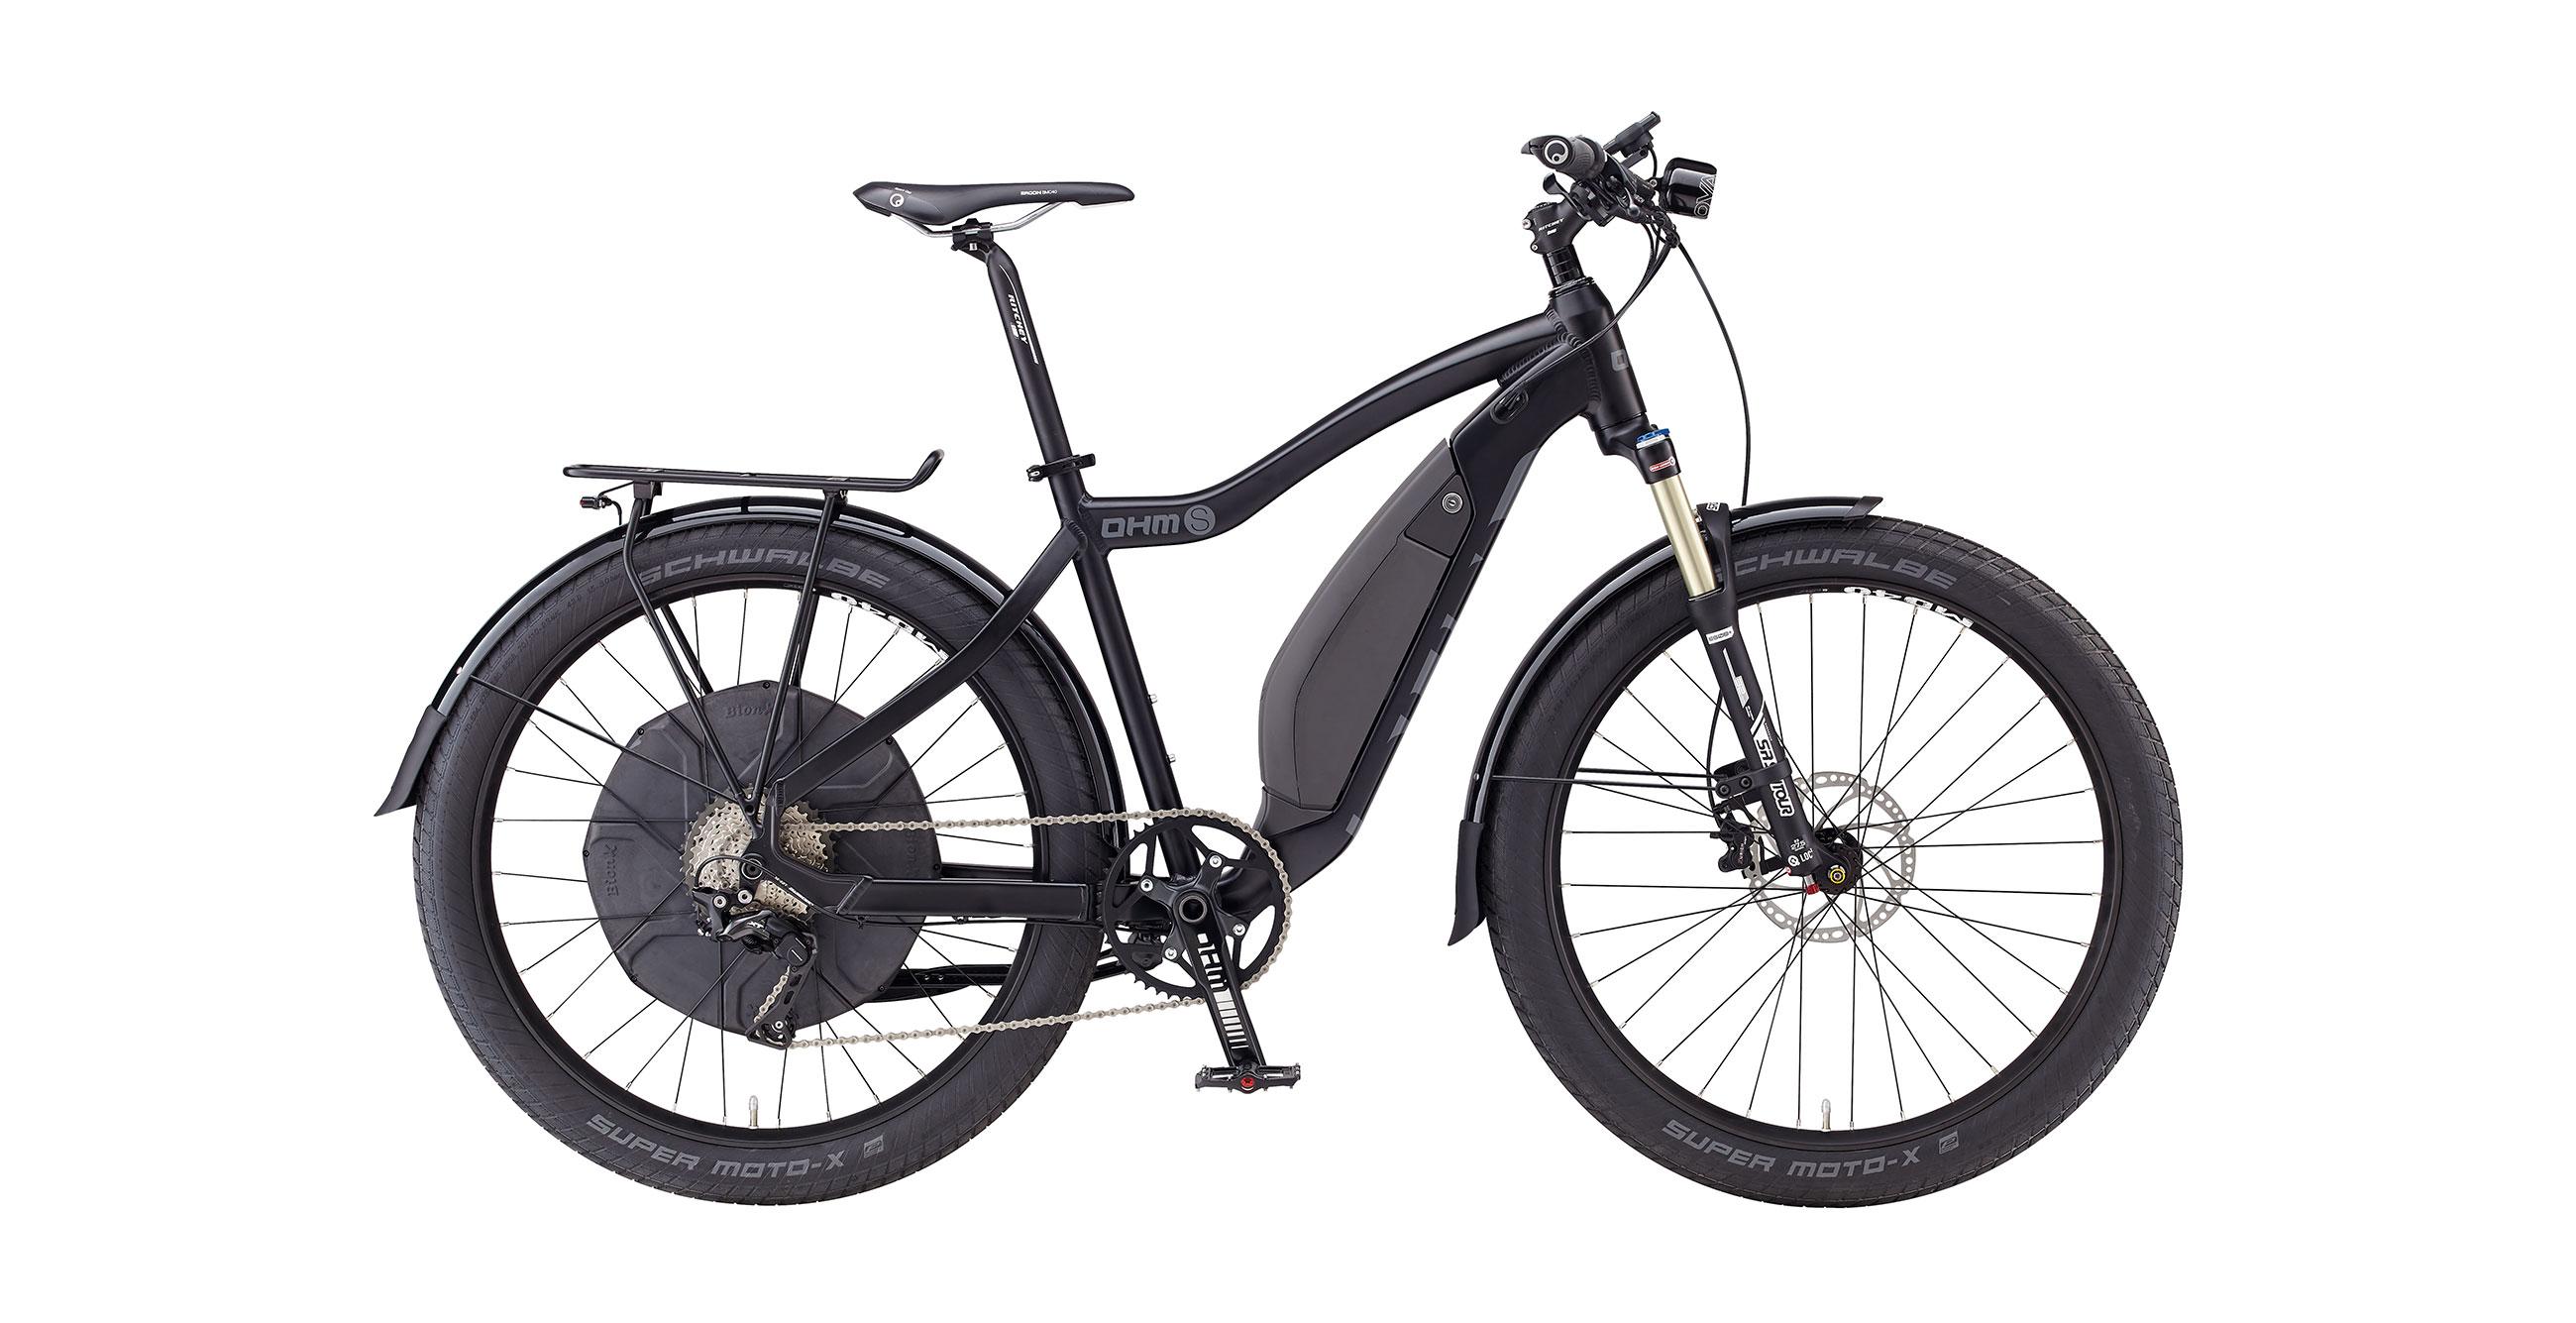 Global E-Bike Market 2018-2022